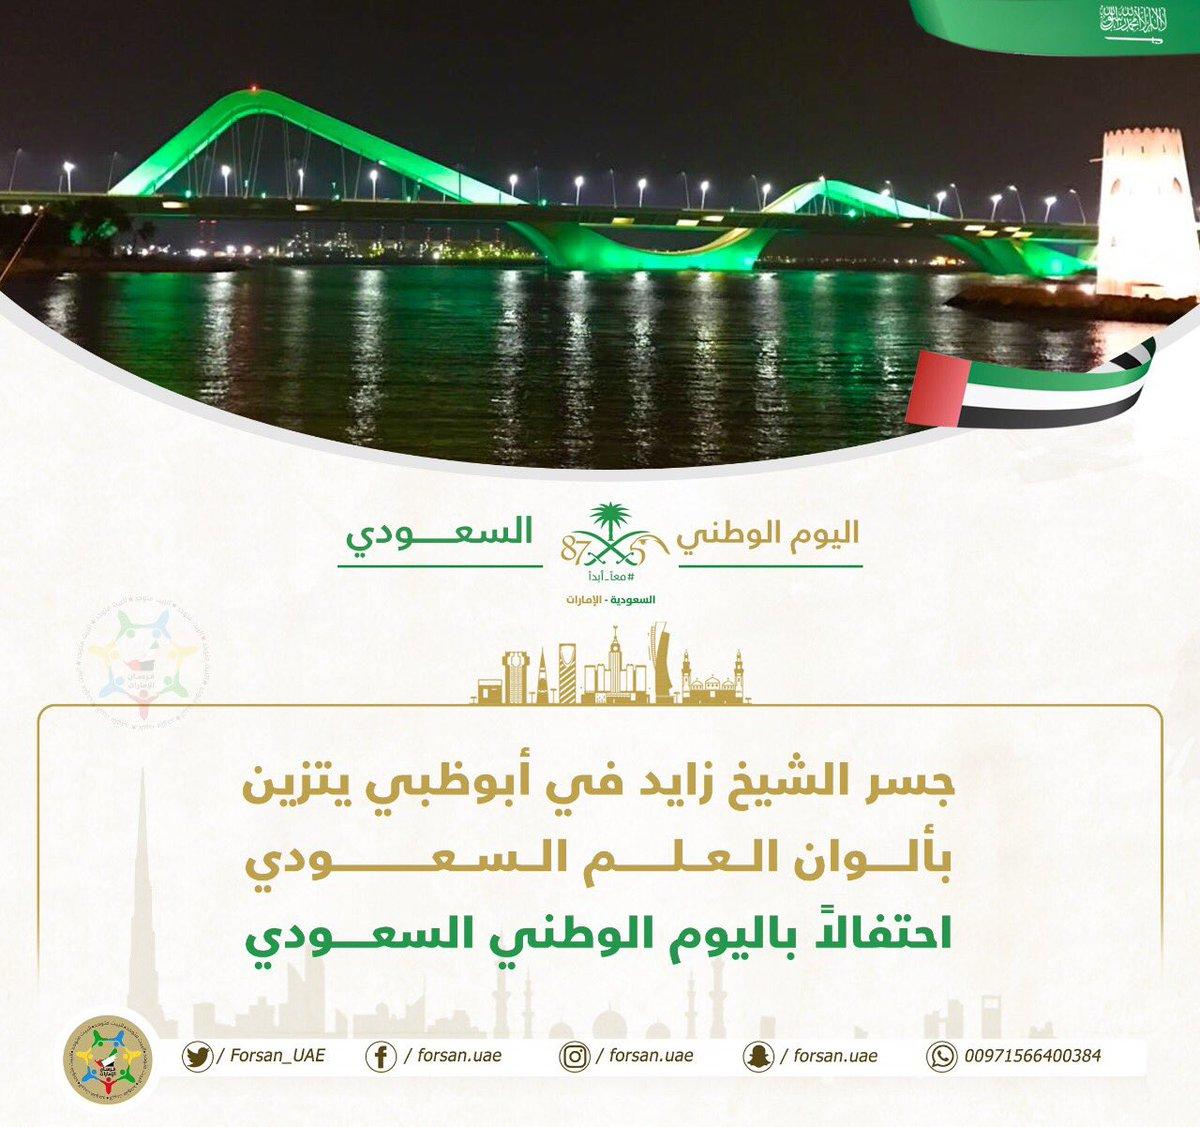 جسر الشيخ زايد في #أبوظبي يتزين بألوان العلم السعودي احتفالا باليوم ال...